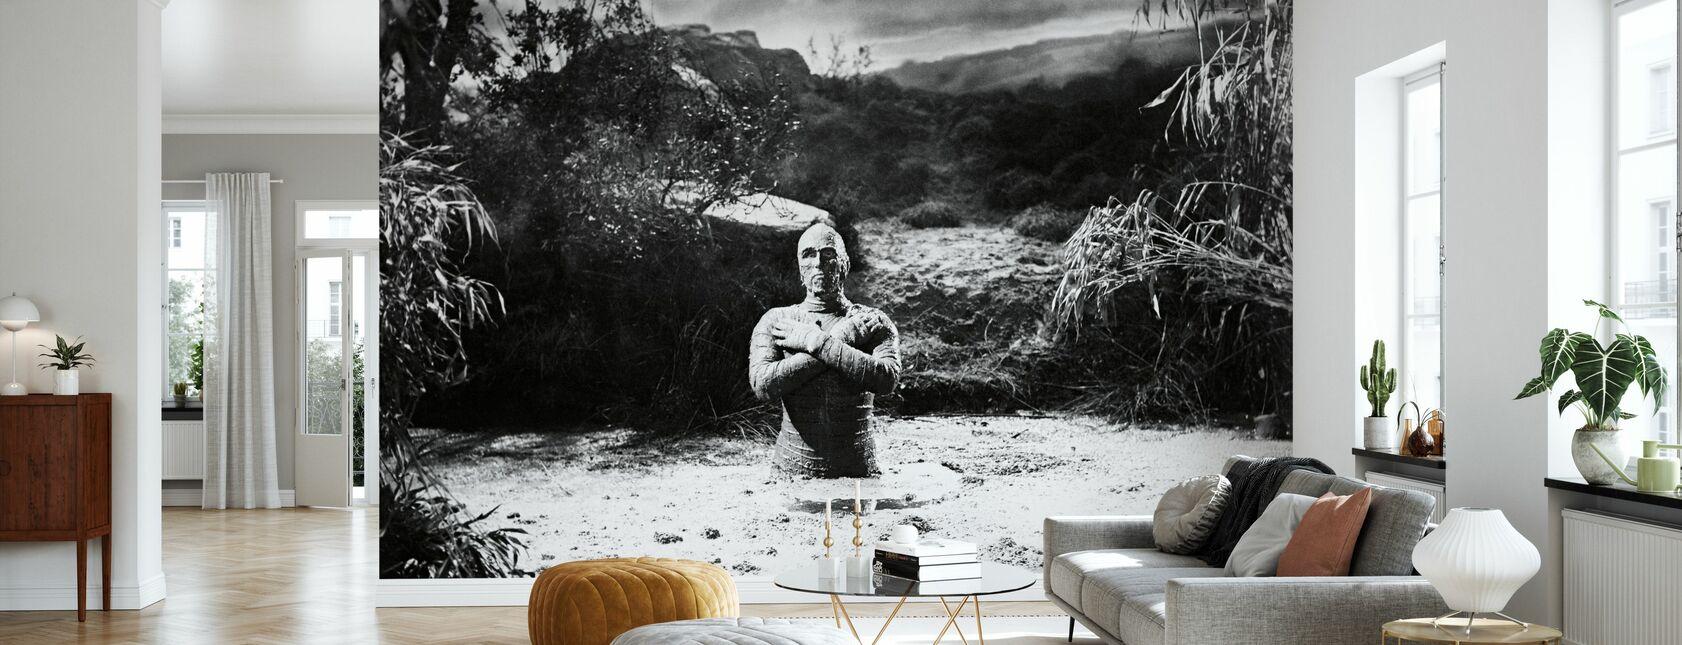 Mamma - Christopher Lee - Tapet - Vardagsrum